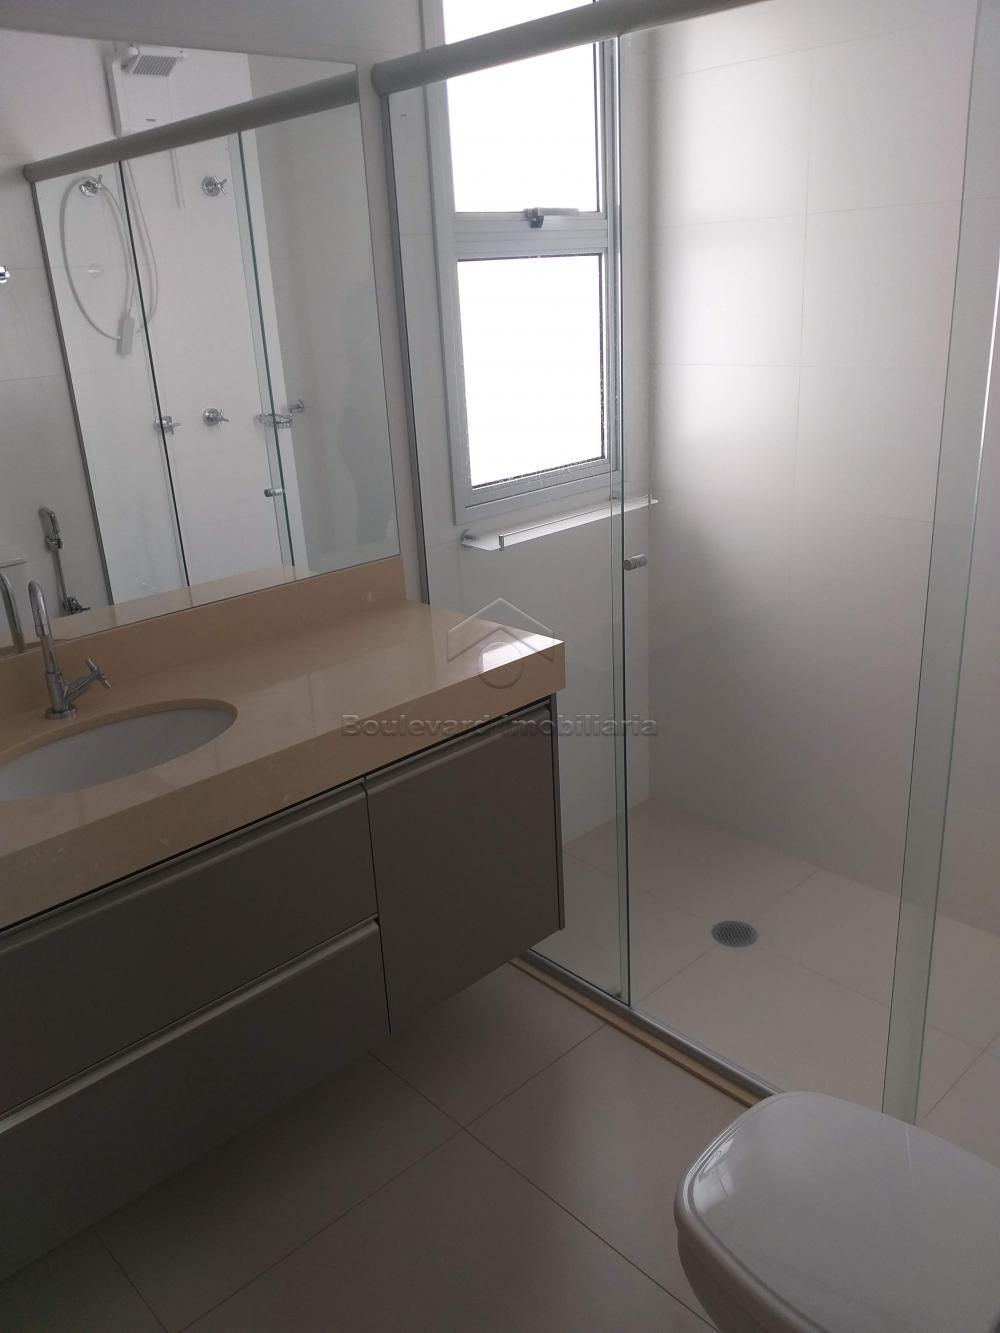 Comprar Apartamento / Padrão em Ribeirão Preto apenas R$ 740.000,00 - Foto 13